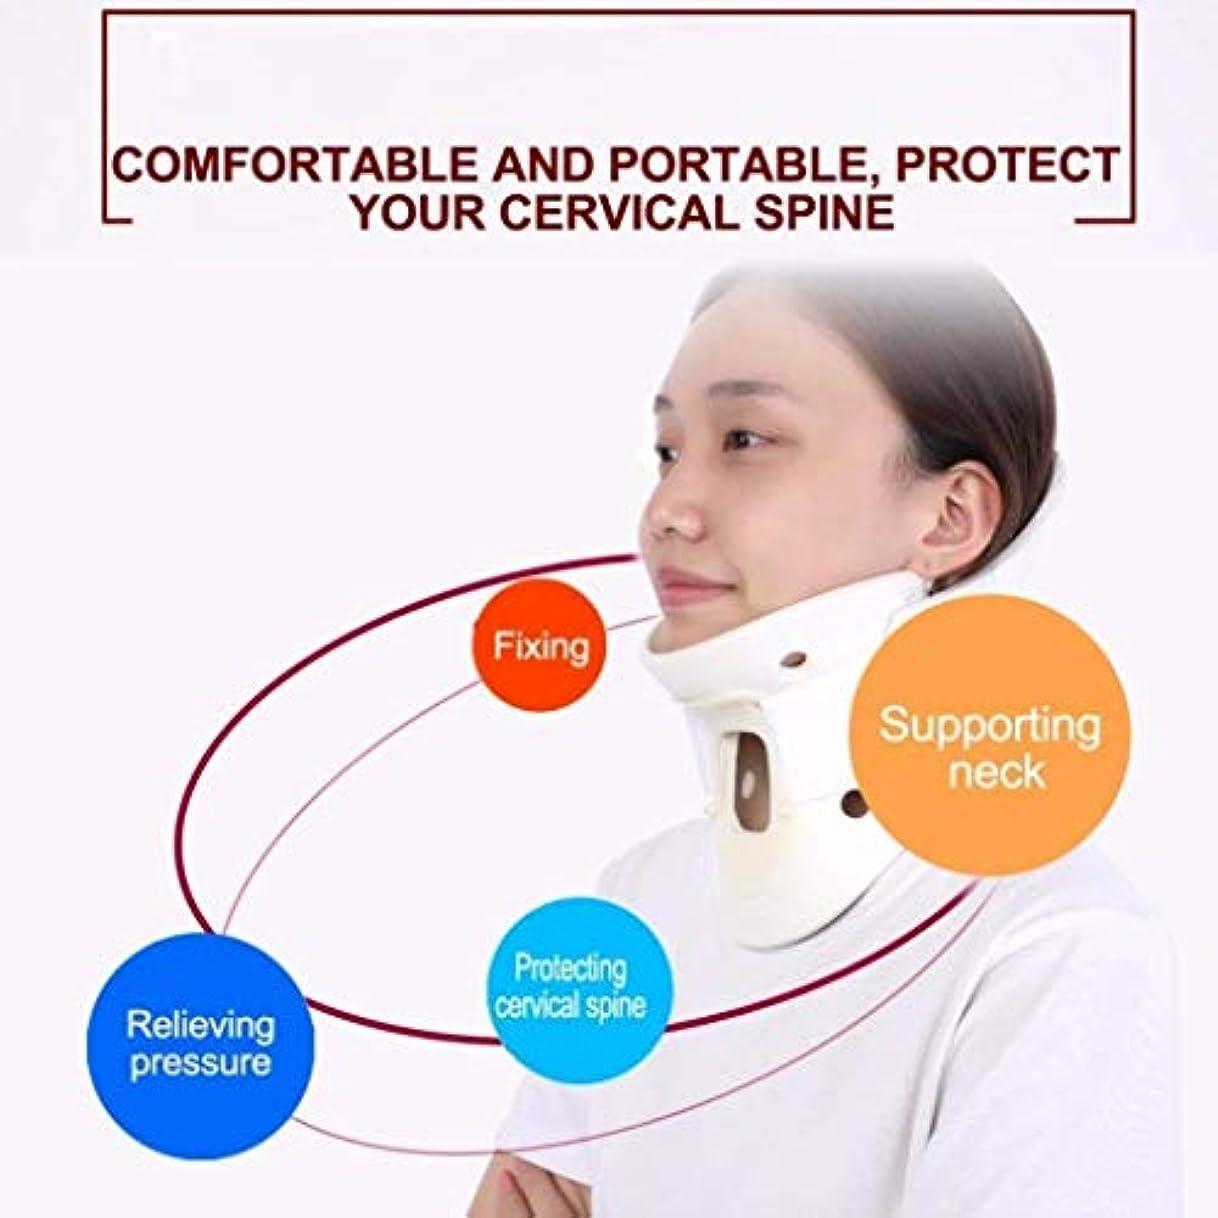 プライバシーアテンダント旋律的ネックマッサージャー、通気性ネックサポートケアツール、ホームマッサージ頸椎、圧力/痛みを和らげる、医療ネックトラクションリングホルダー